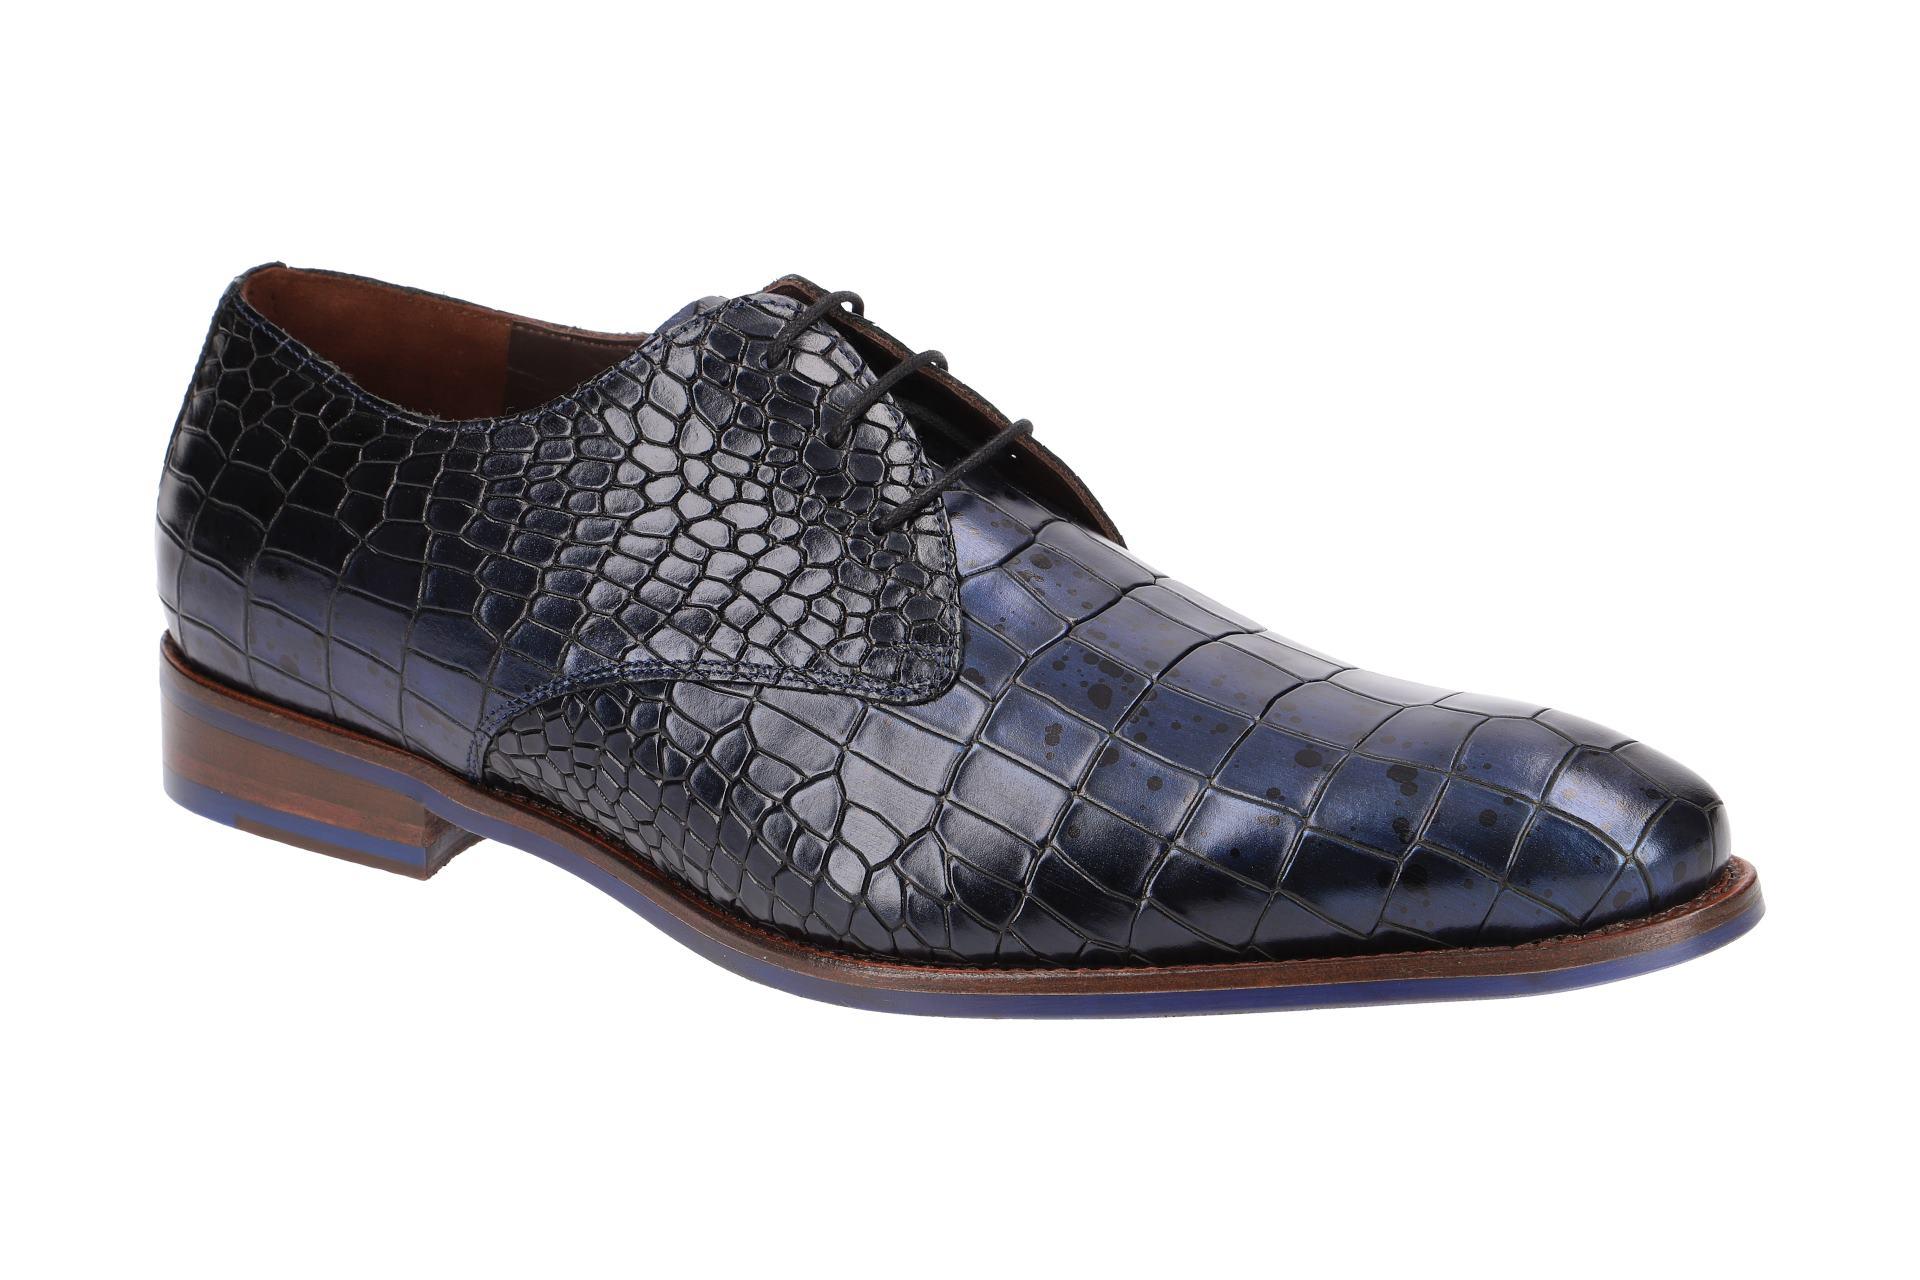 Floris van Pompon Chaussures 18067 gris Chaussures Hommes Élégant basses 1806702